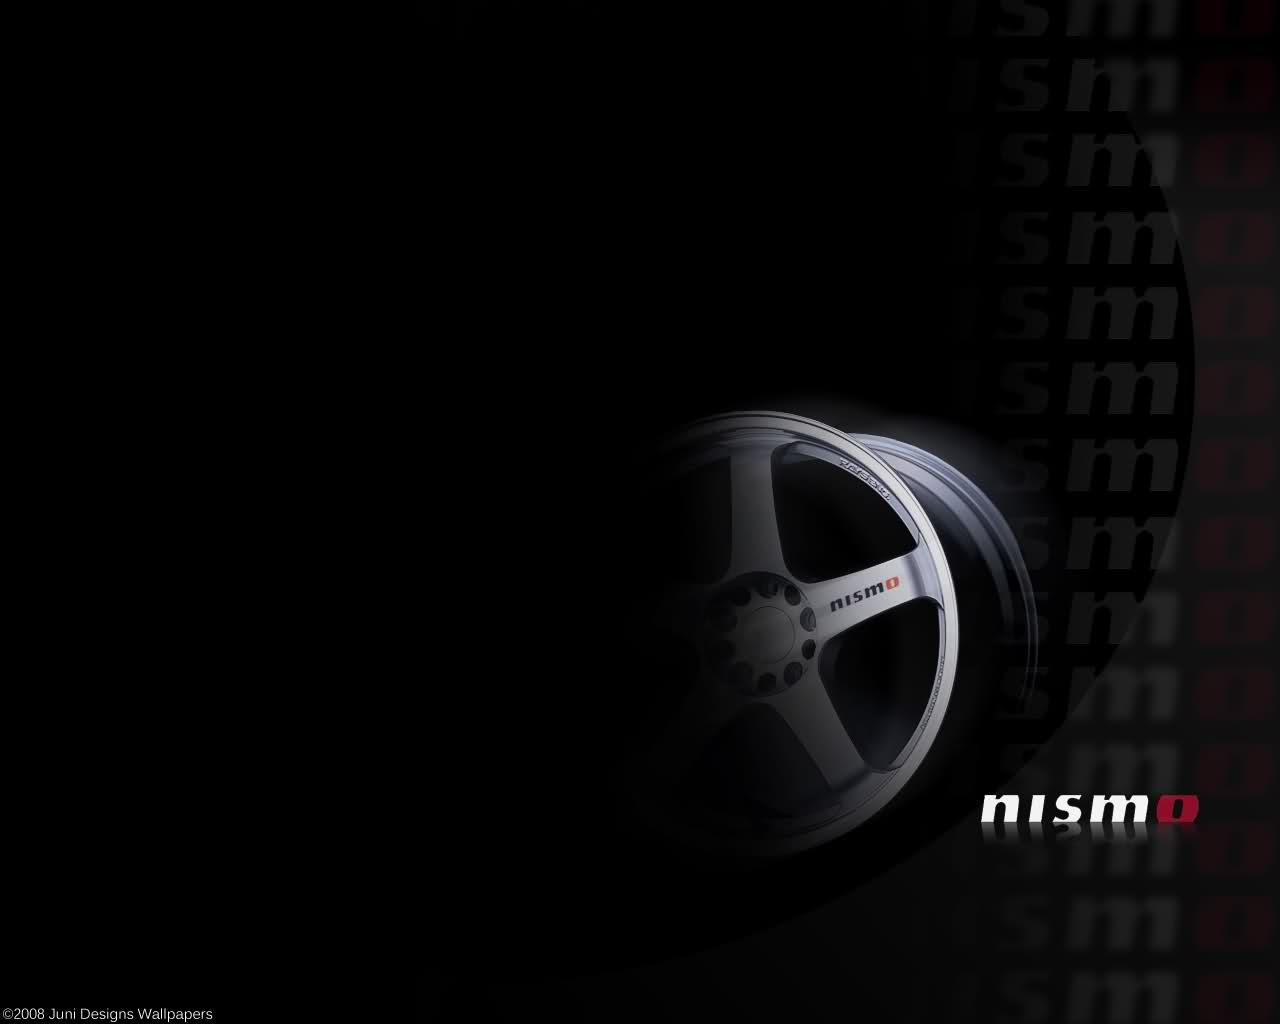 Nismo Logo Wallpaper httpwwwdesahogatenetel originalarte 1280x1024